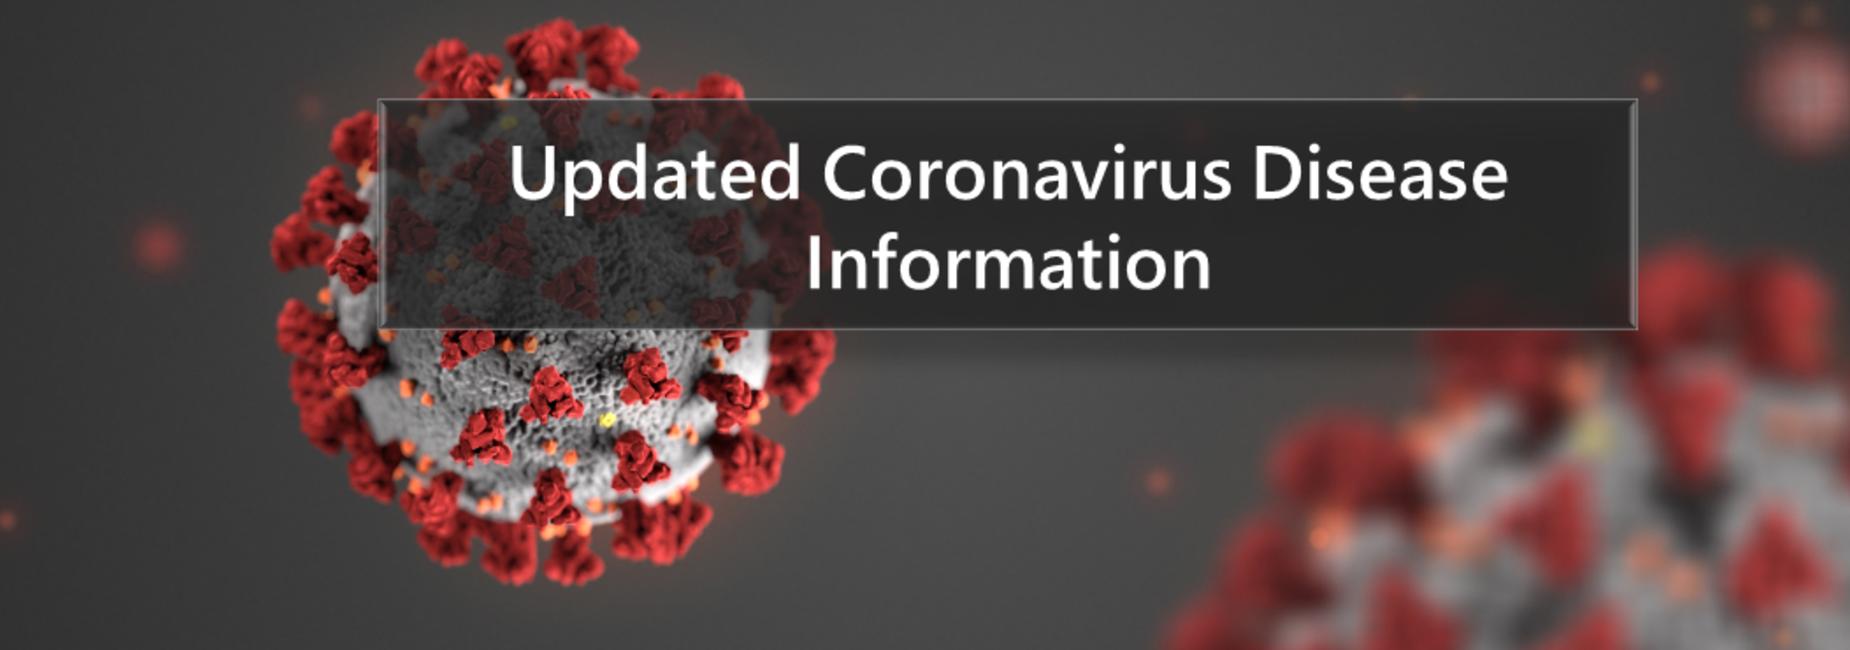 COVID-19 INFORMAITON